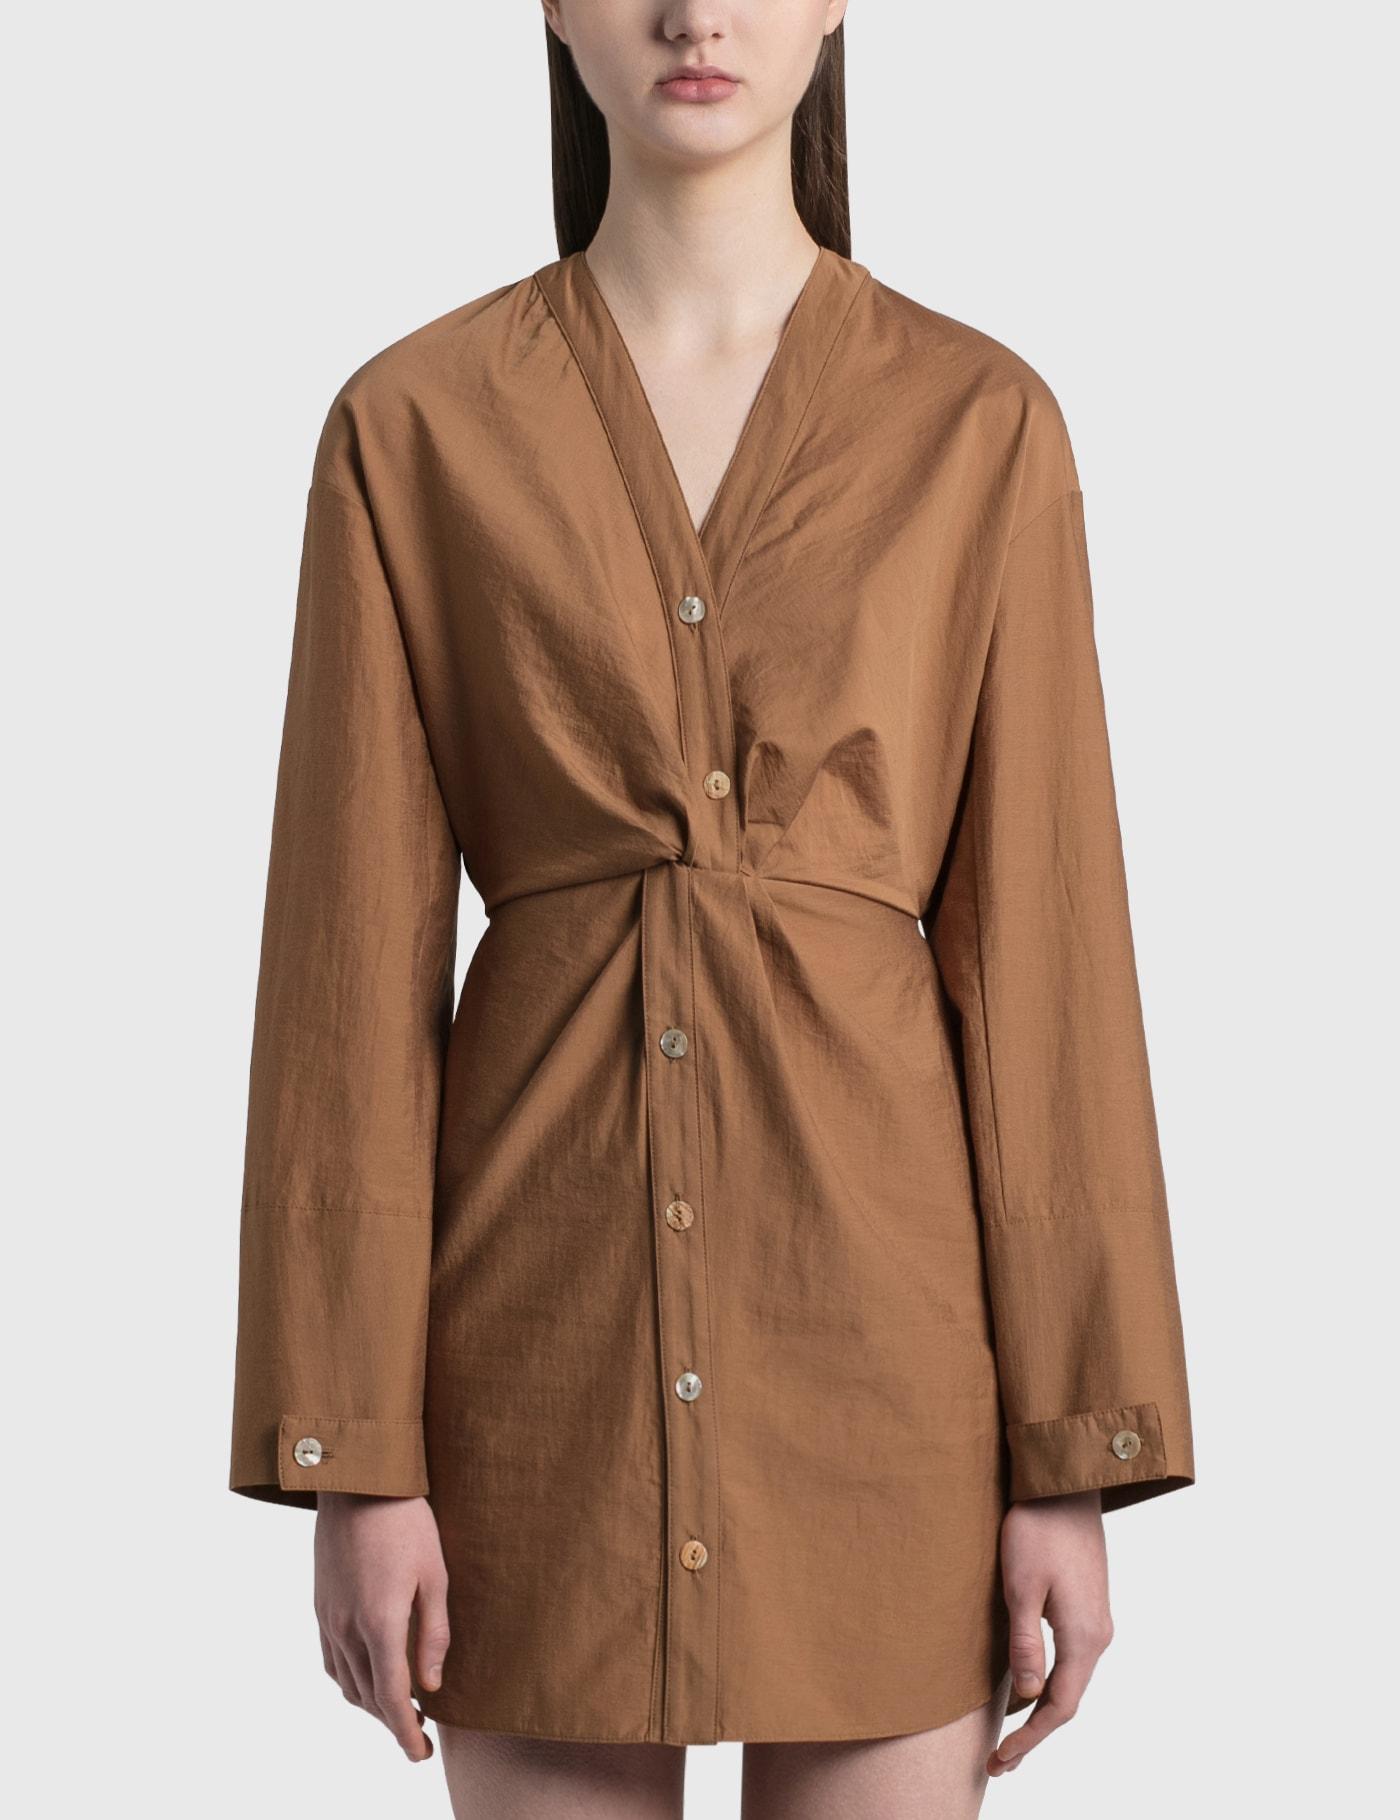 Nanushka JOHANNA TWIST FRONT DRESS